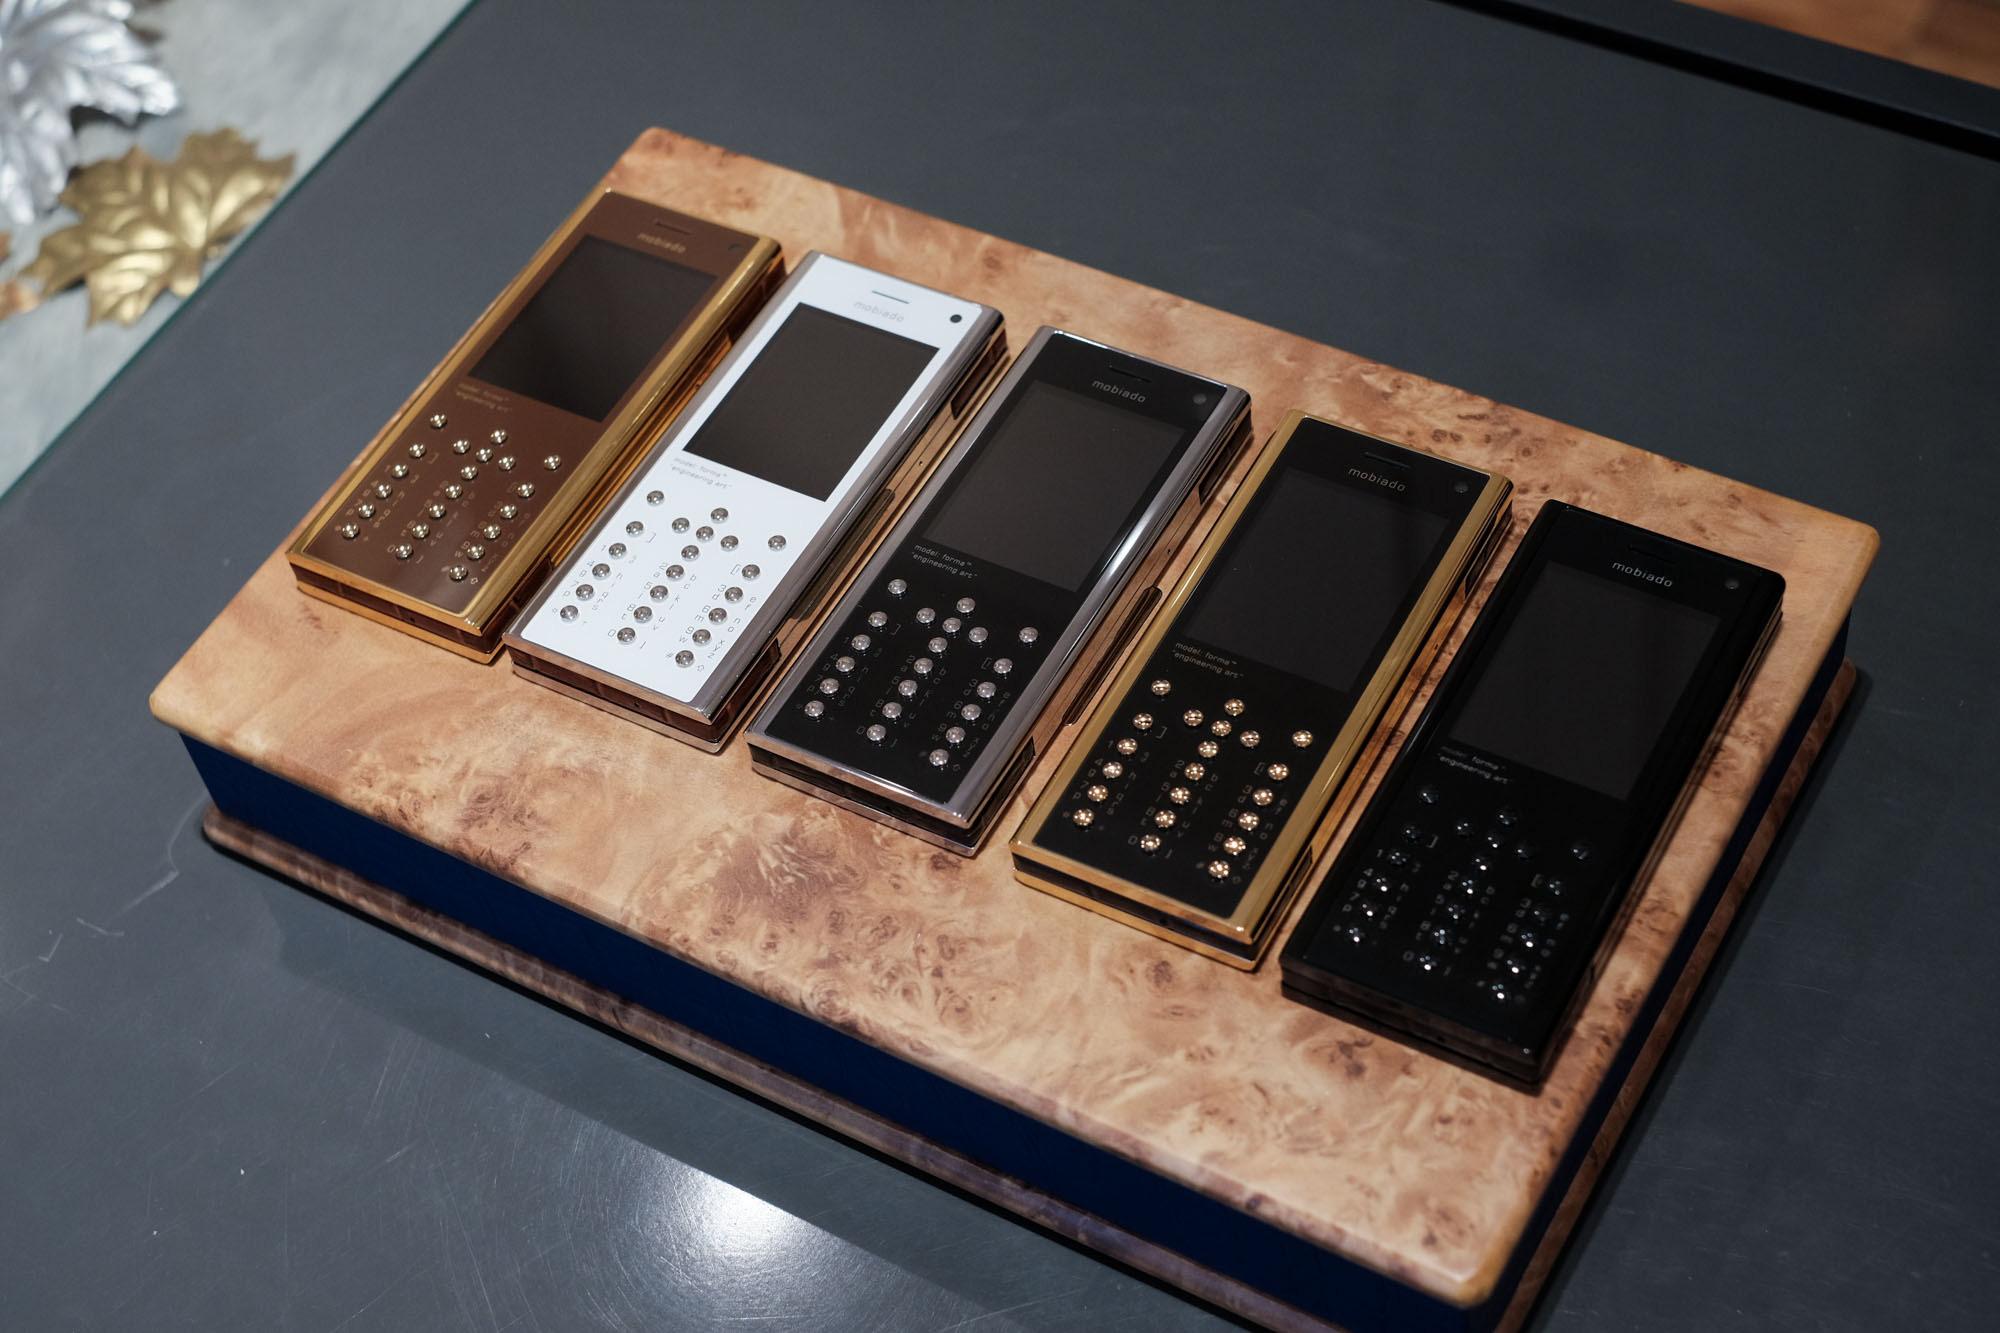 Ngắm nhìn điện thoại Mobiado hạng sang giá đắt nhất Việt Nam - Ảnh 14.